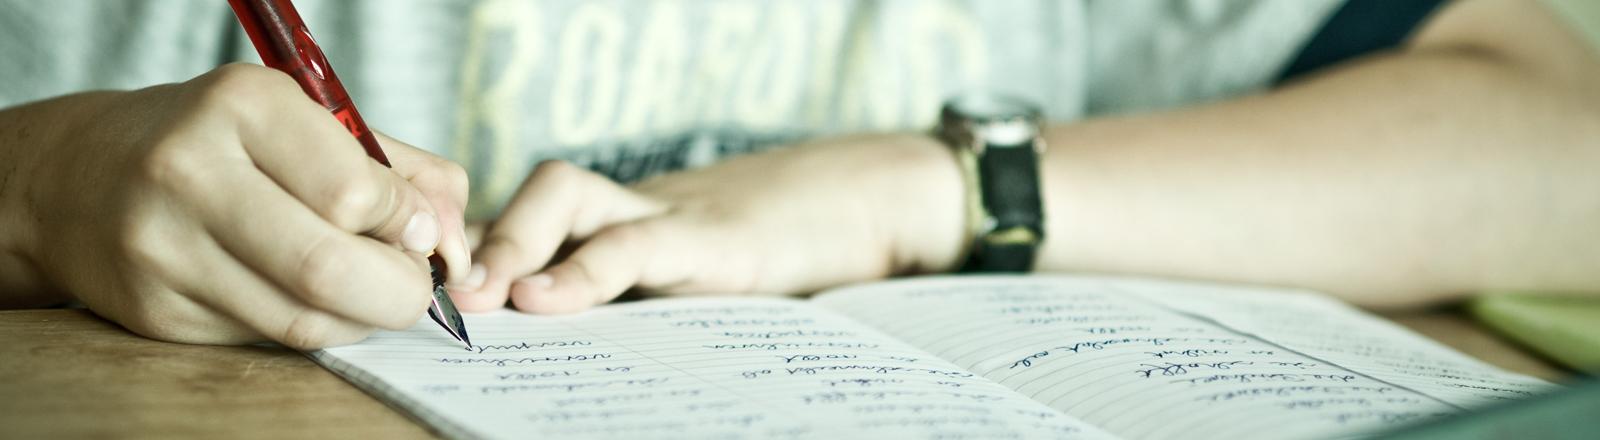 Schüler schreibt in ein Aufgabenheft.